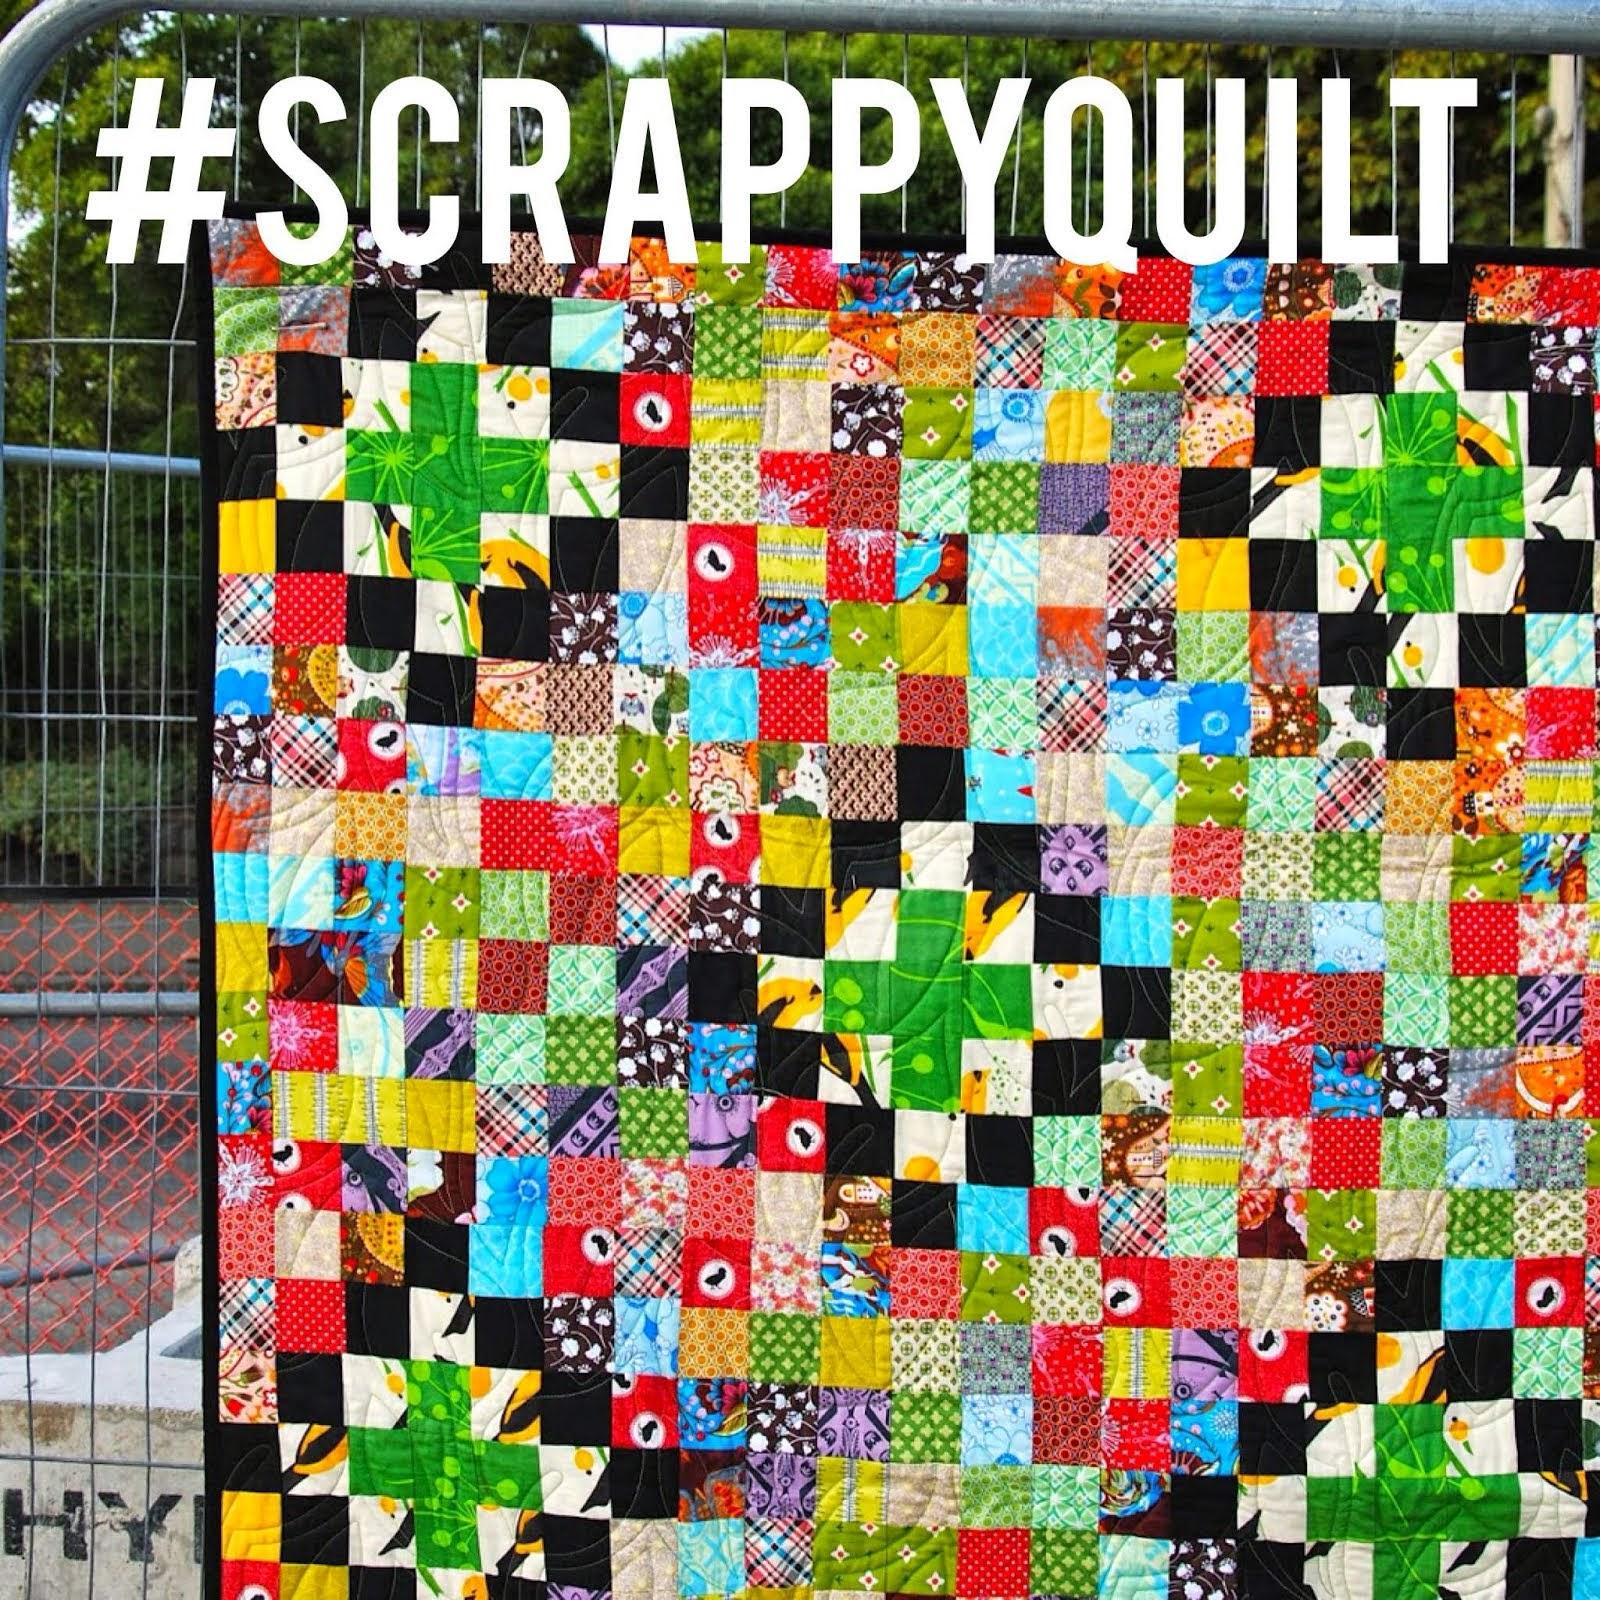 #scrappyquilt